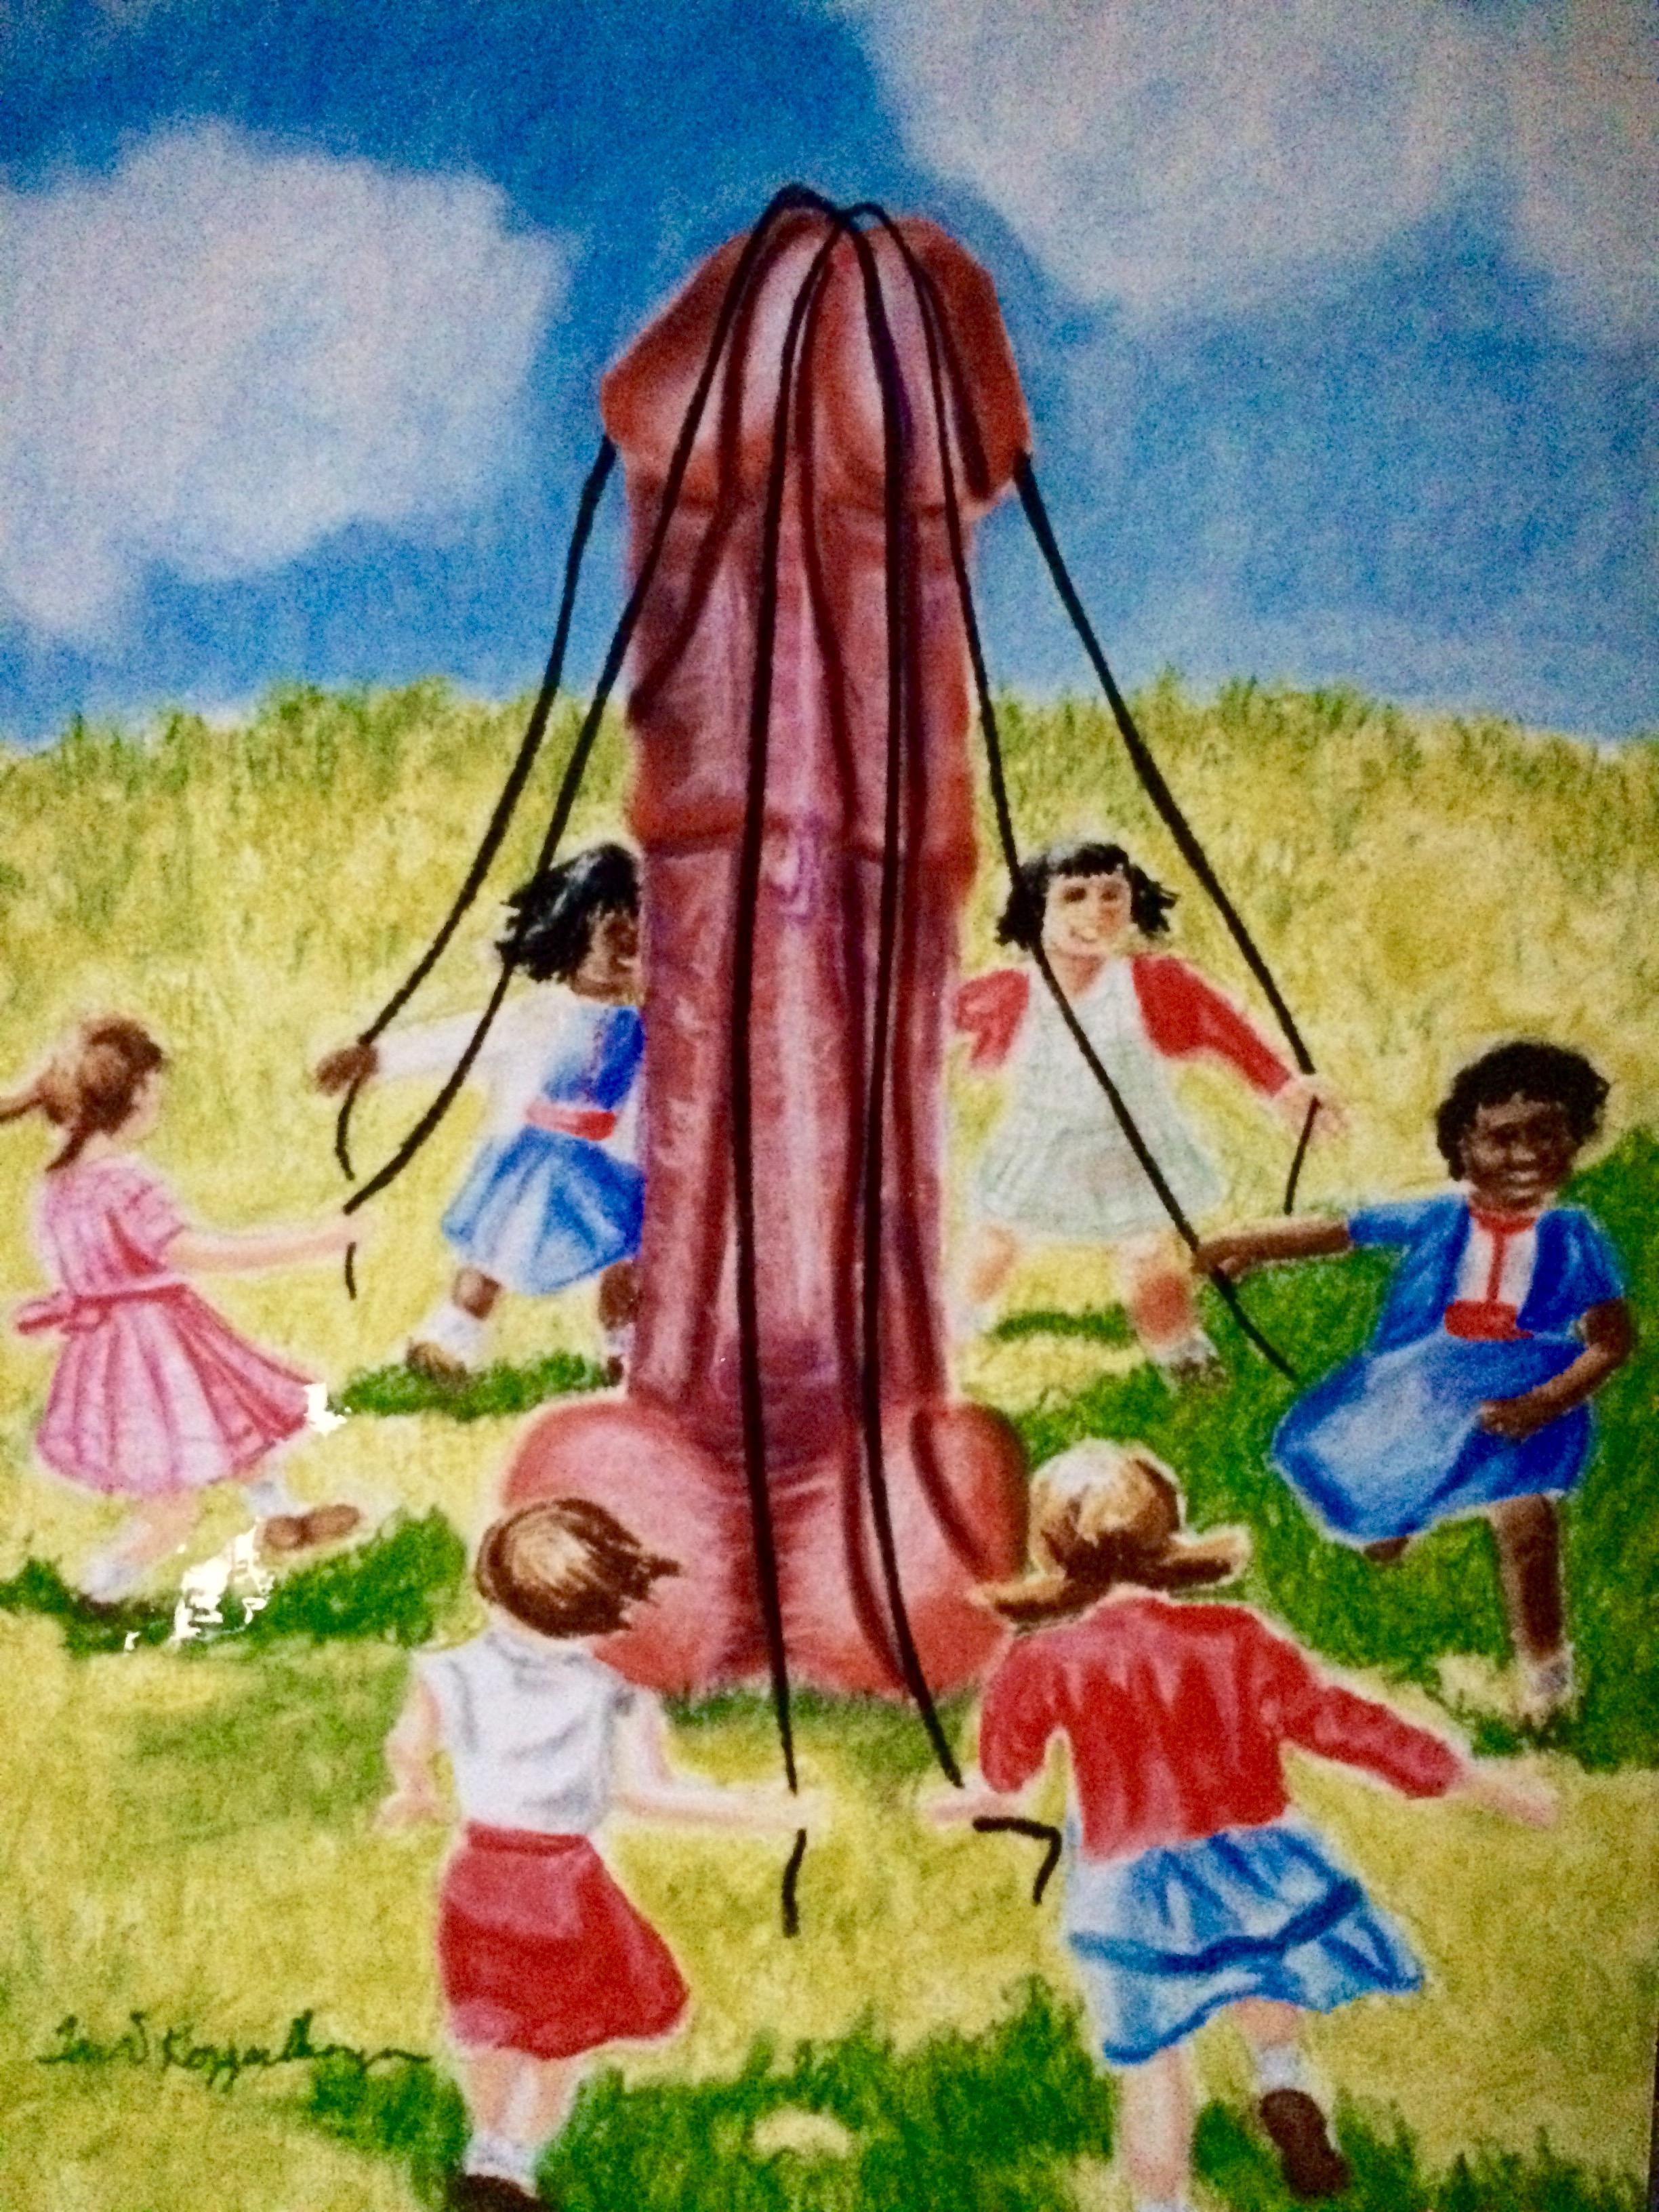 Around the Maypole We Go